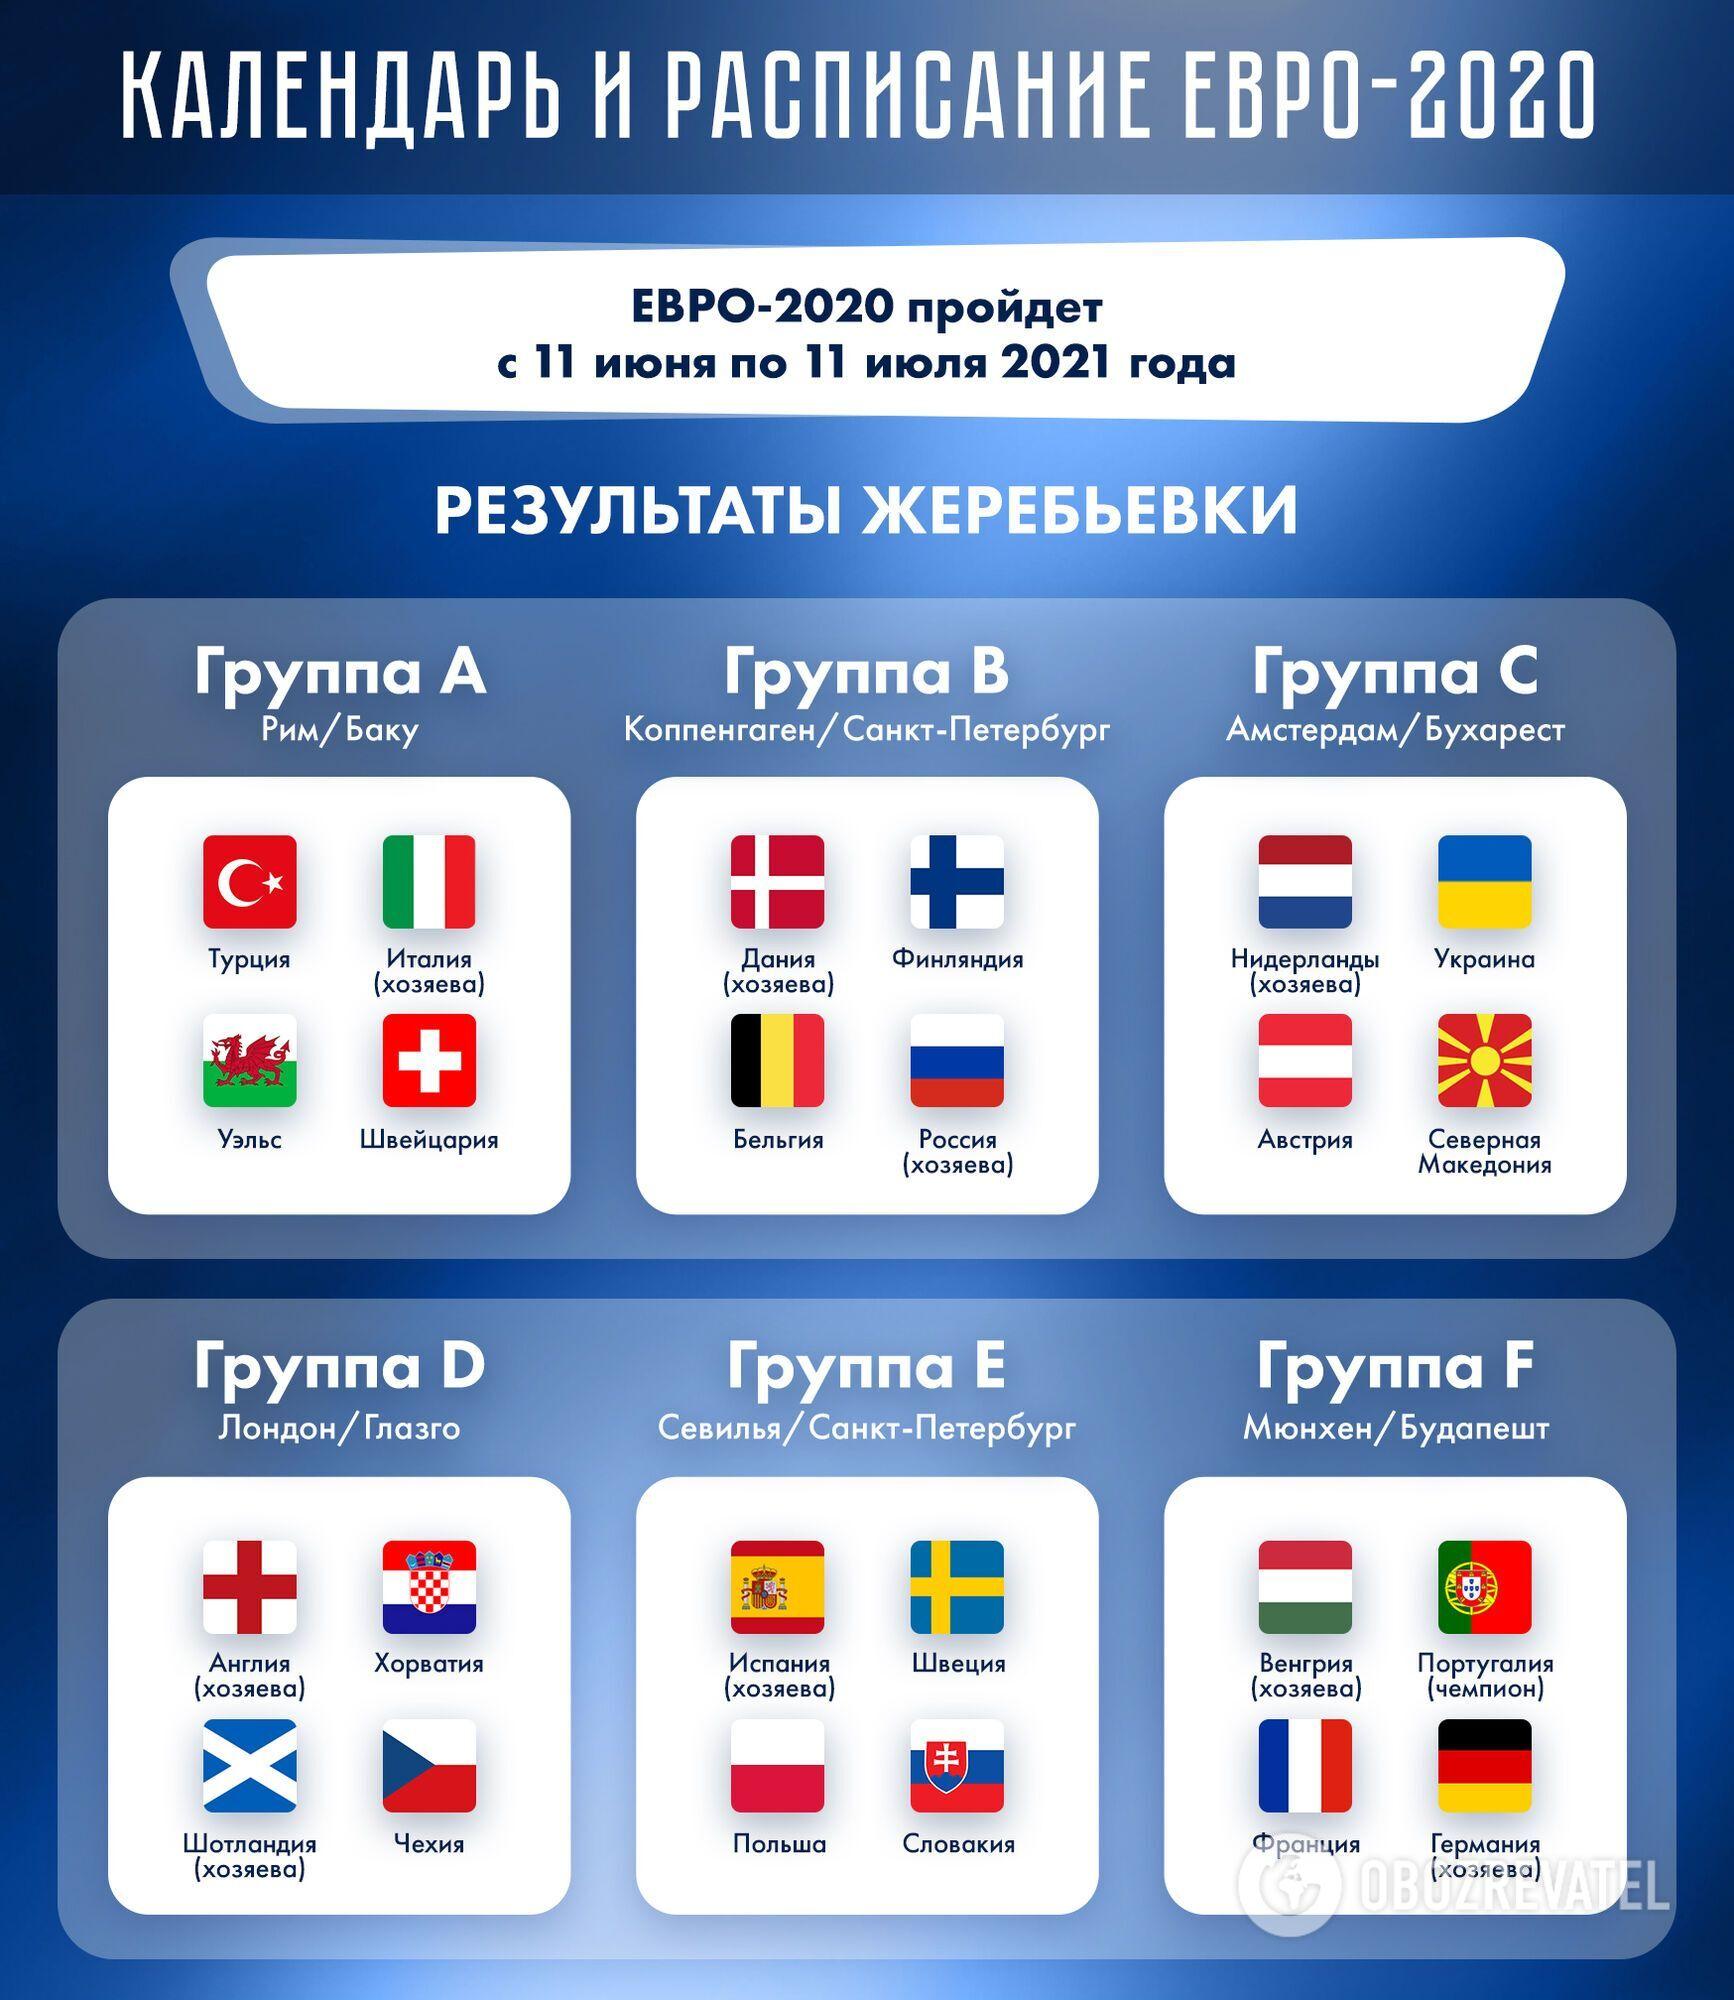 Состав групп на Евро-2020